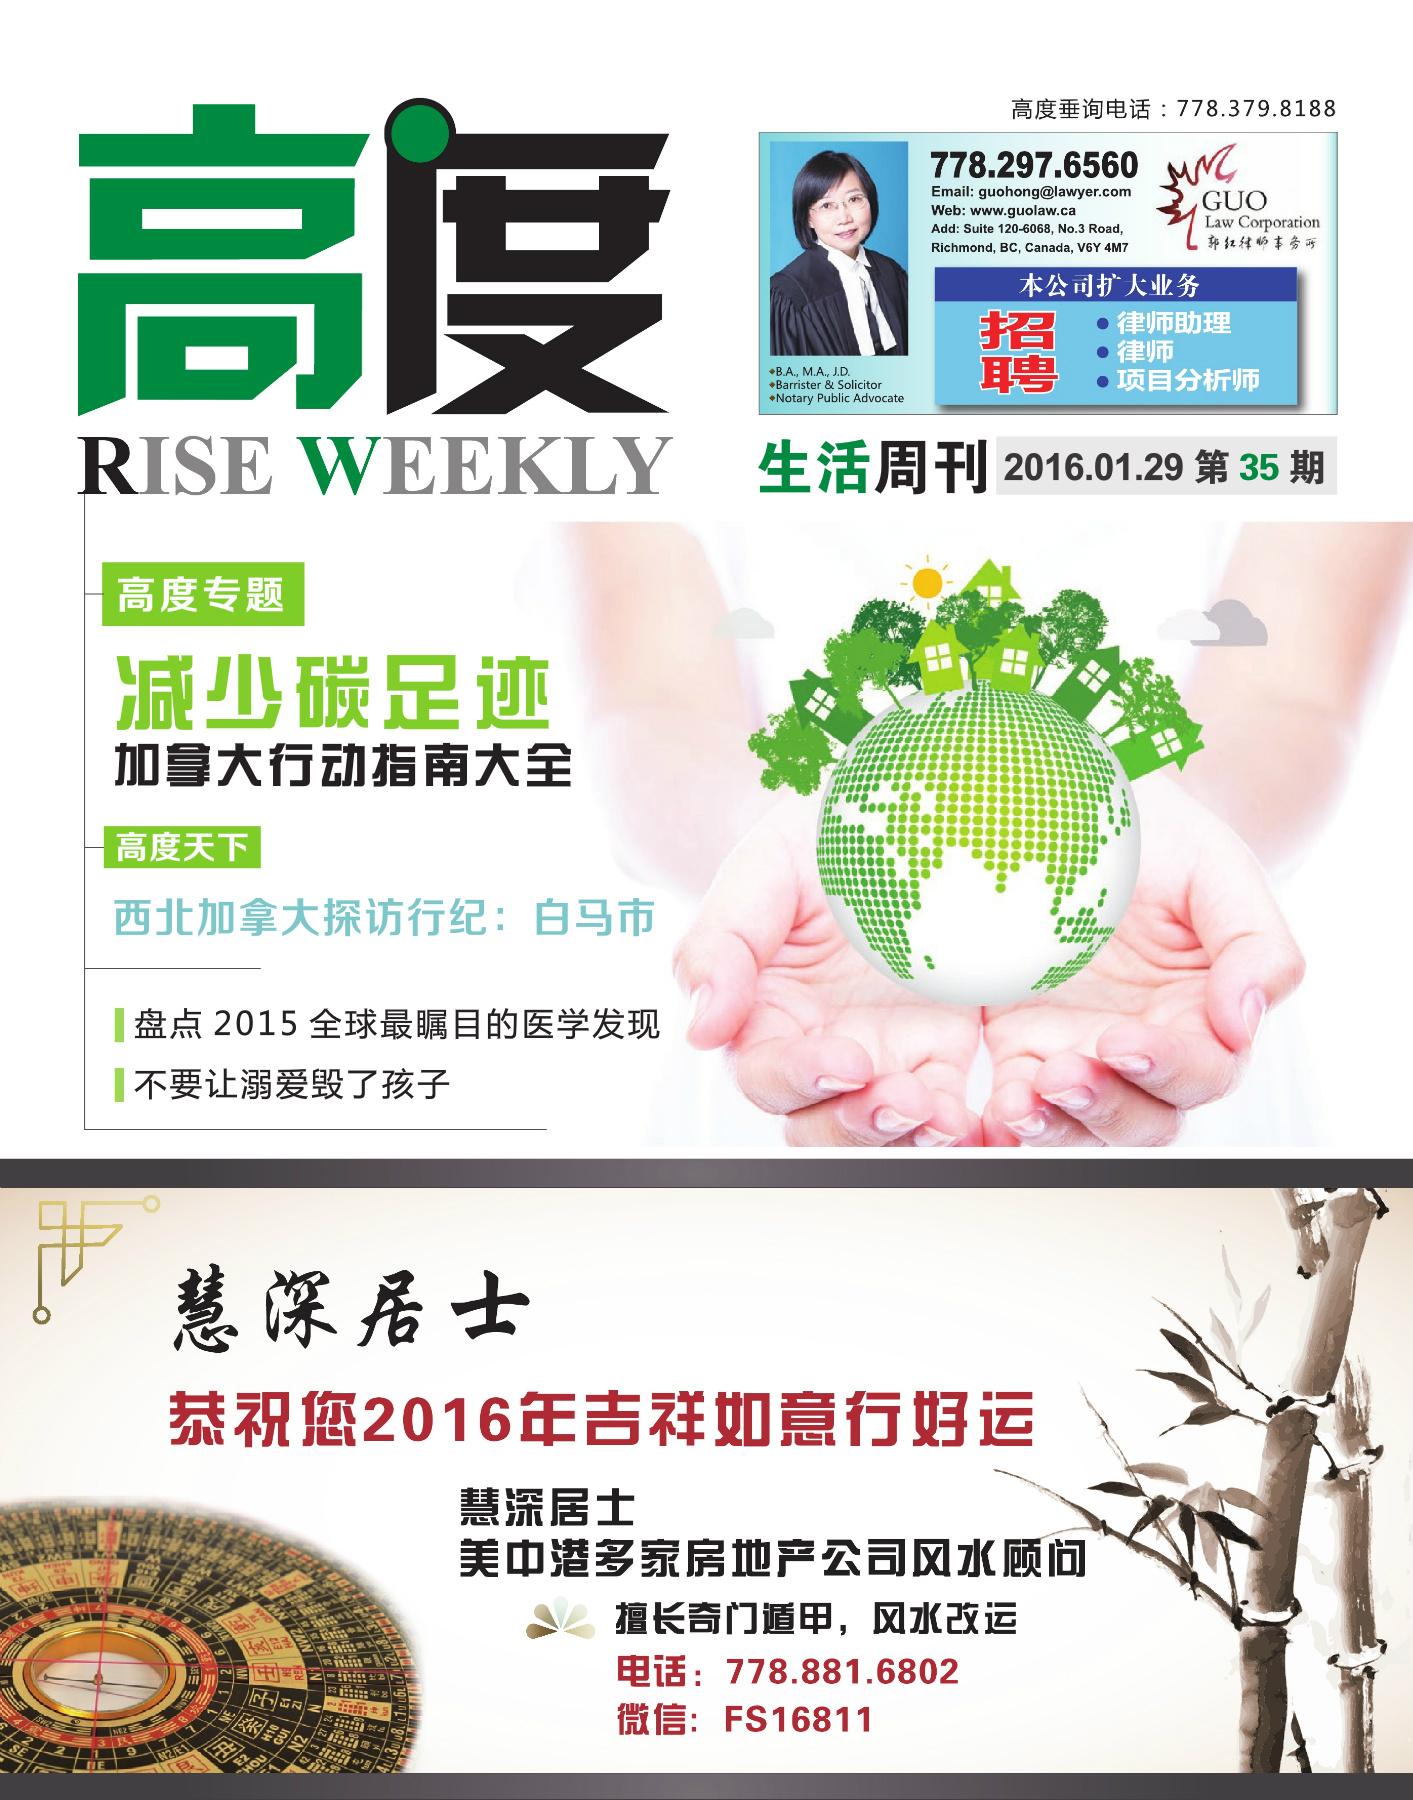 高度生活周刊 2016年01月29日 第35期